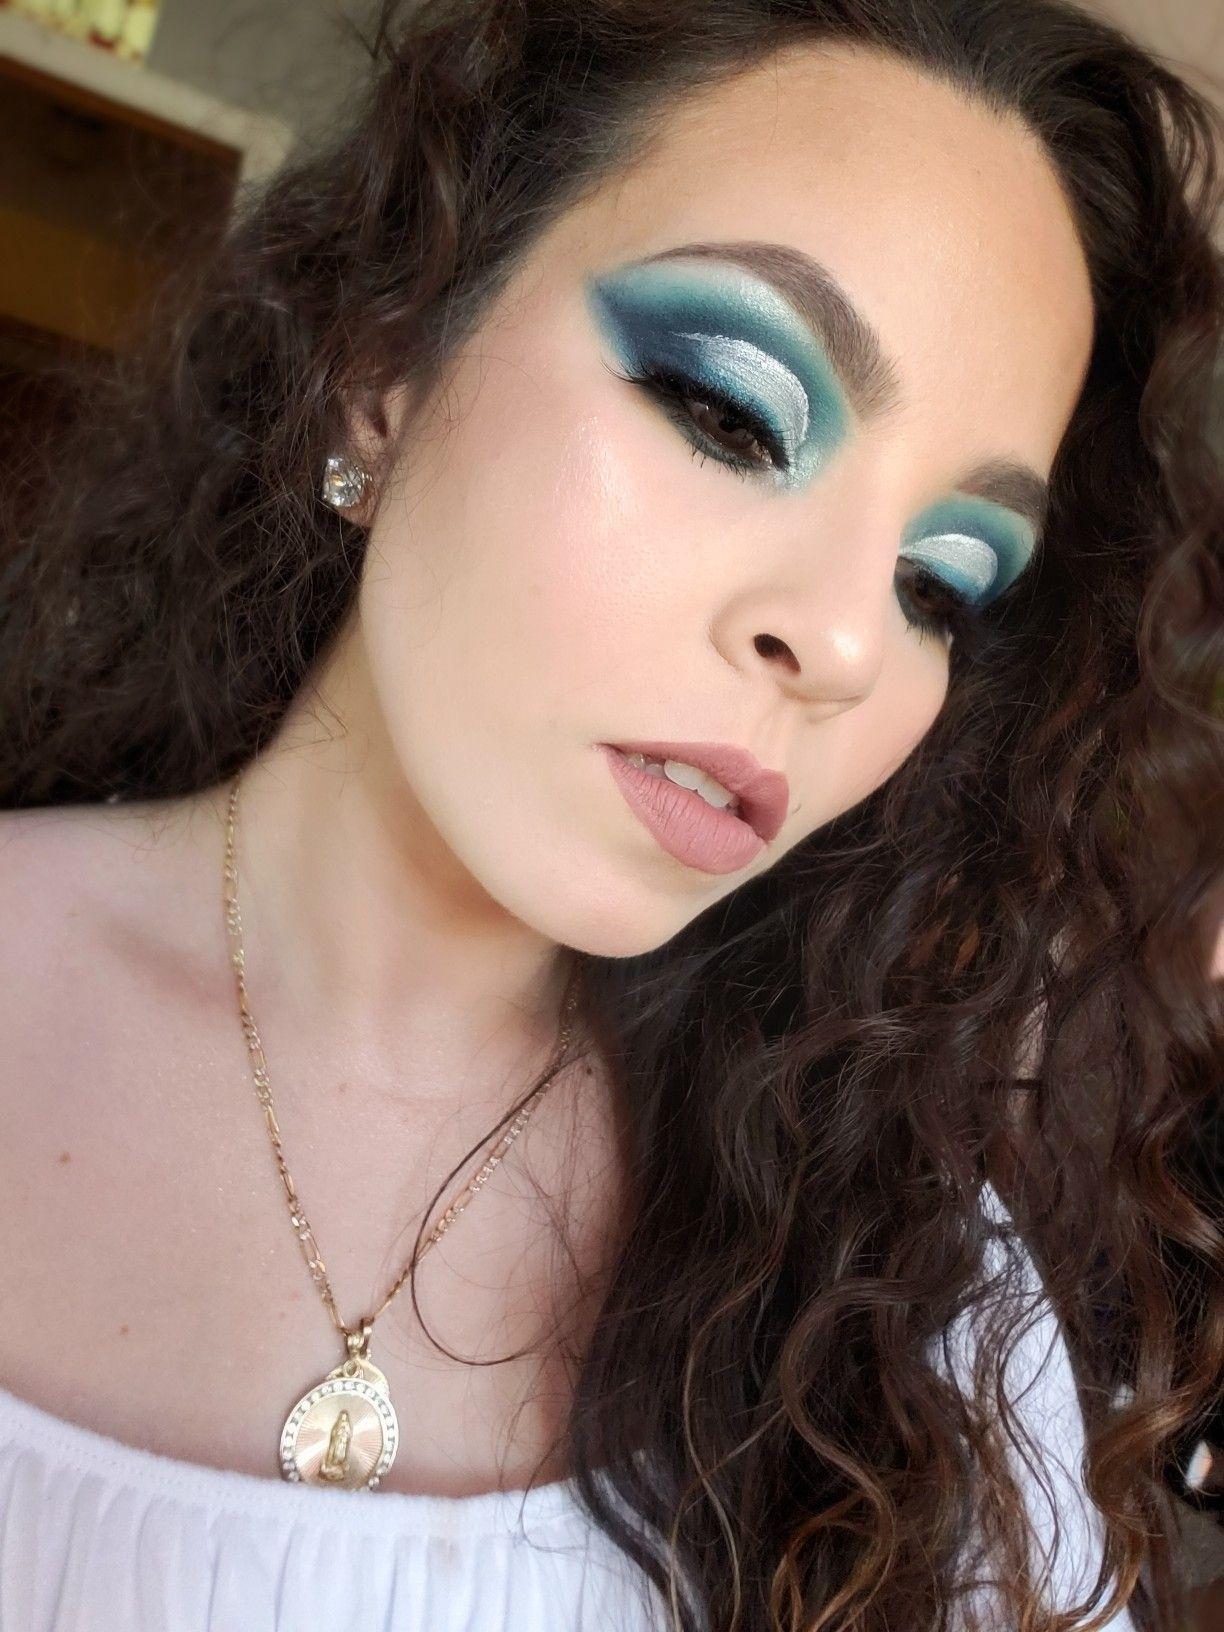 Pin on MakeupByMsCali